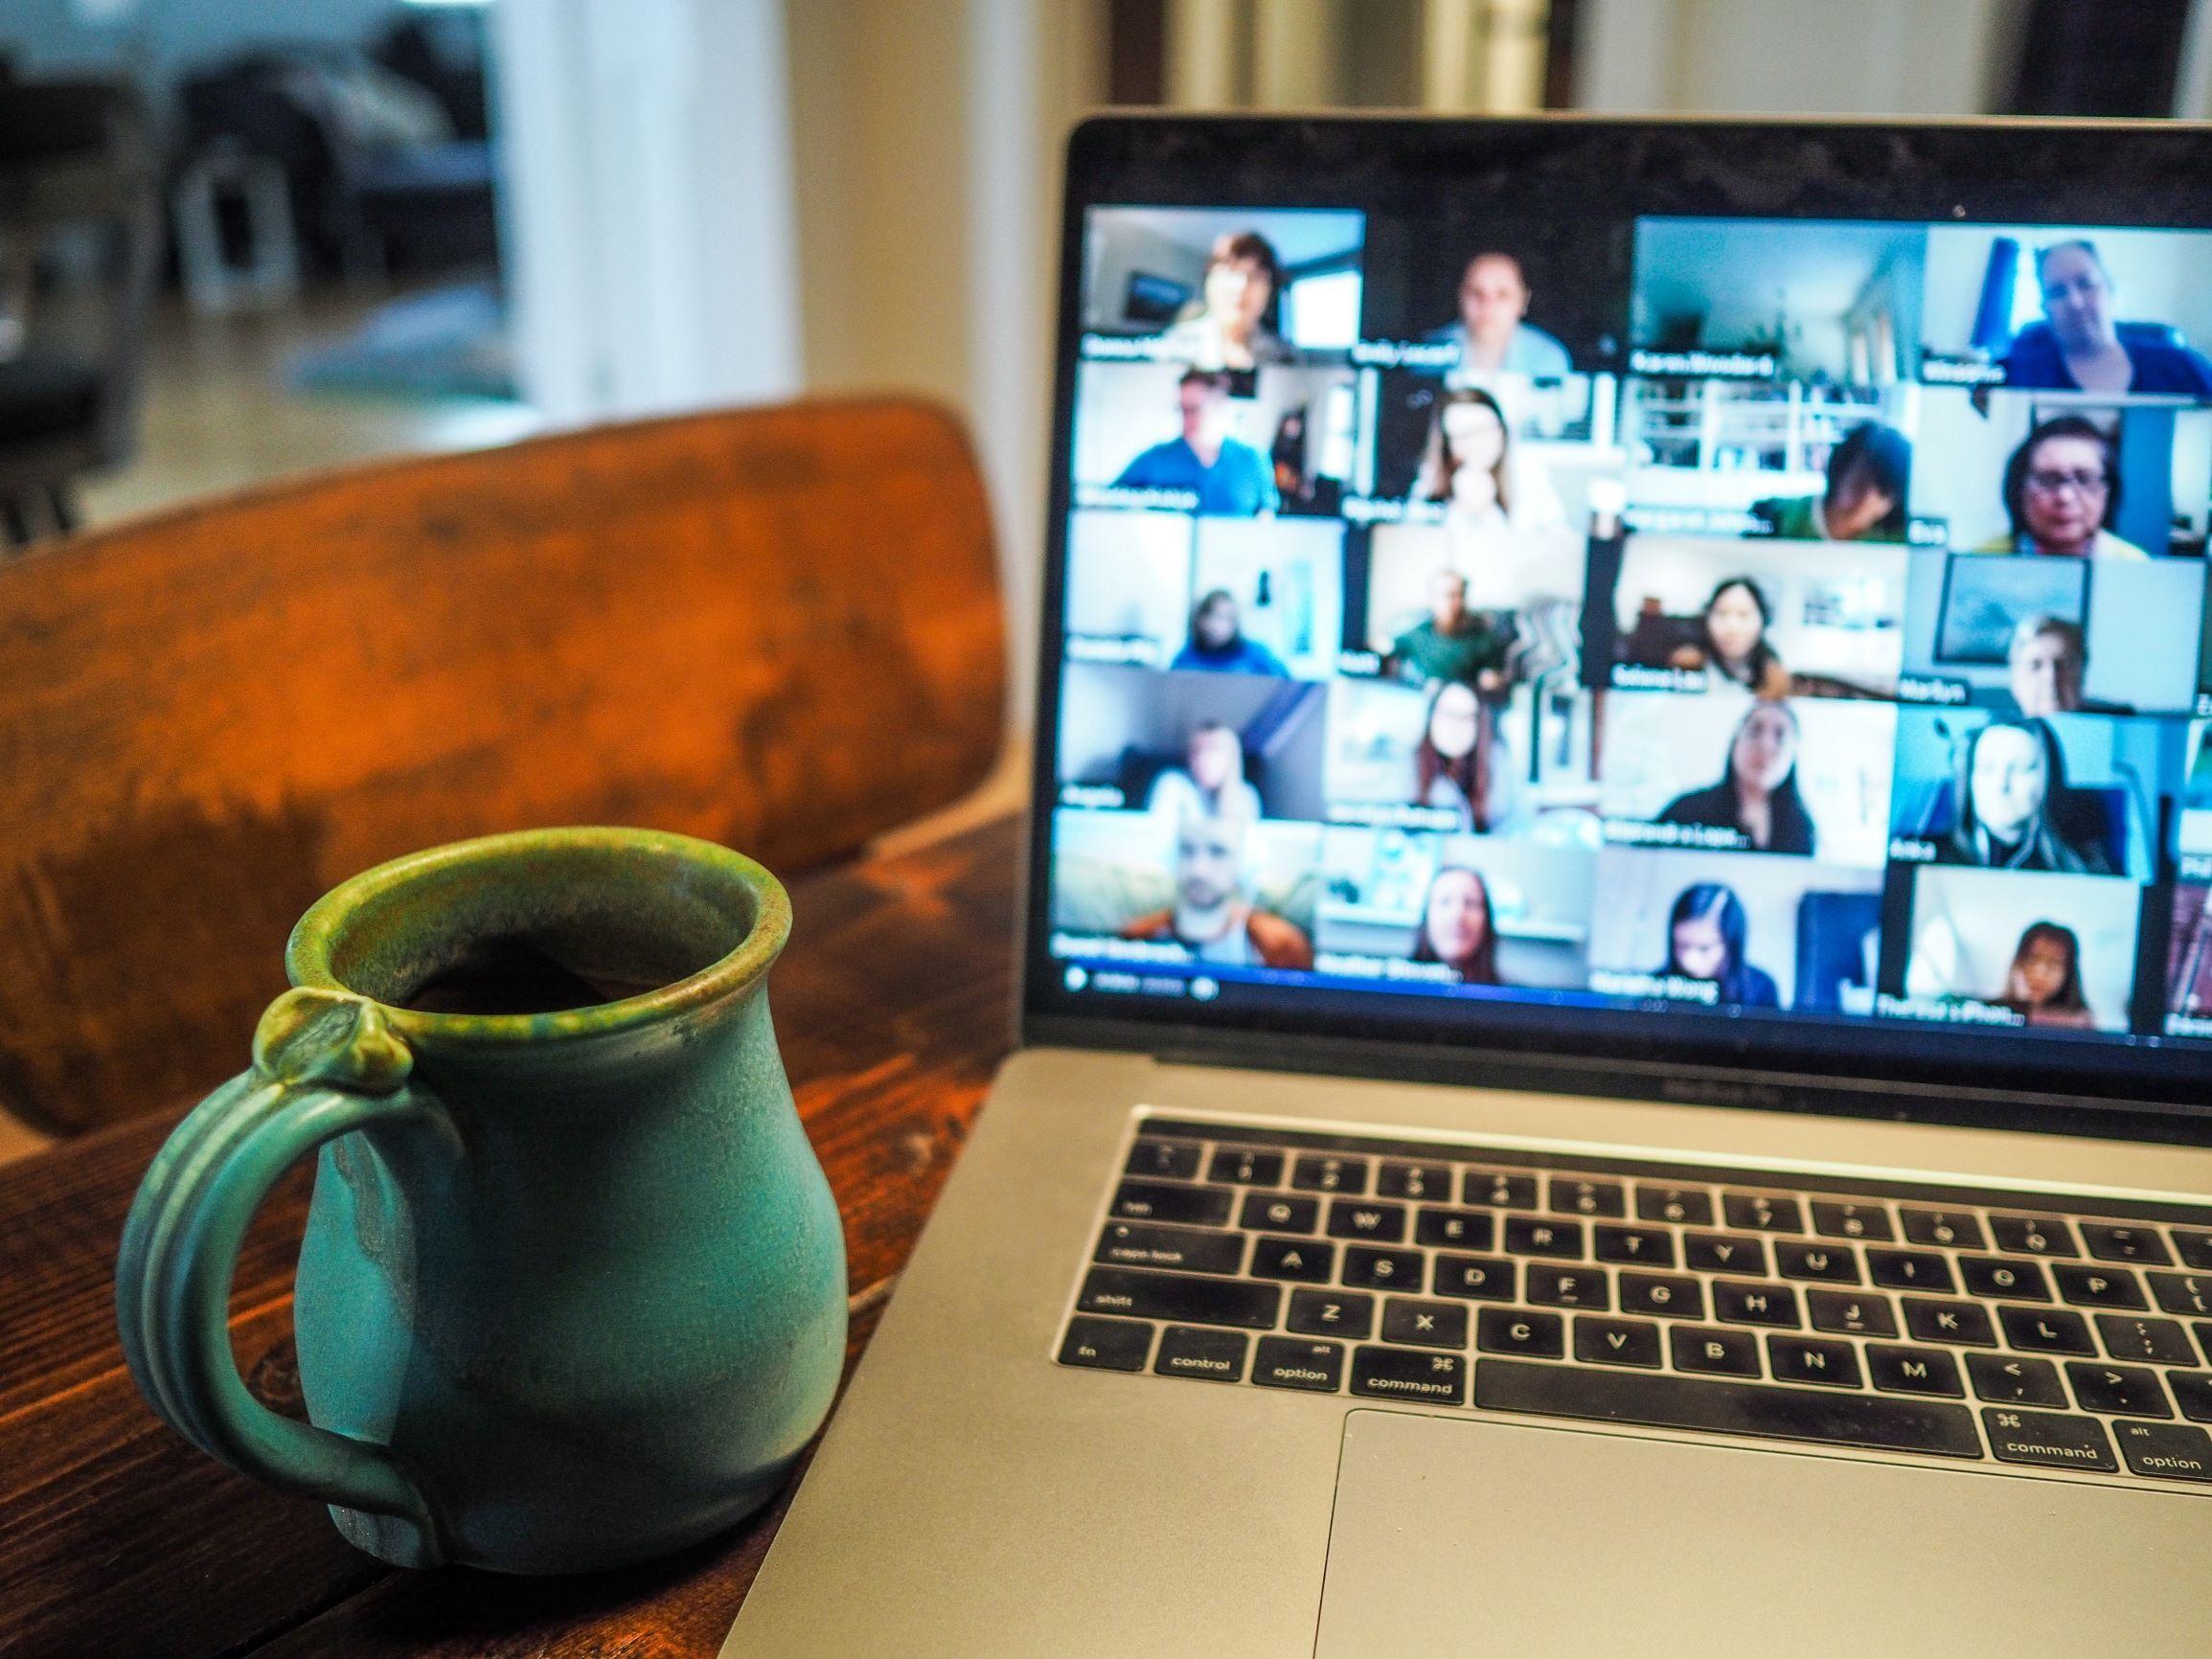 Webinar - live online informative session